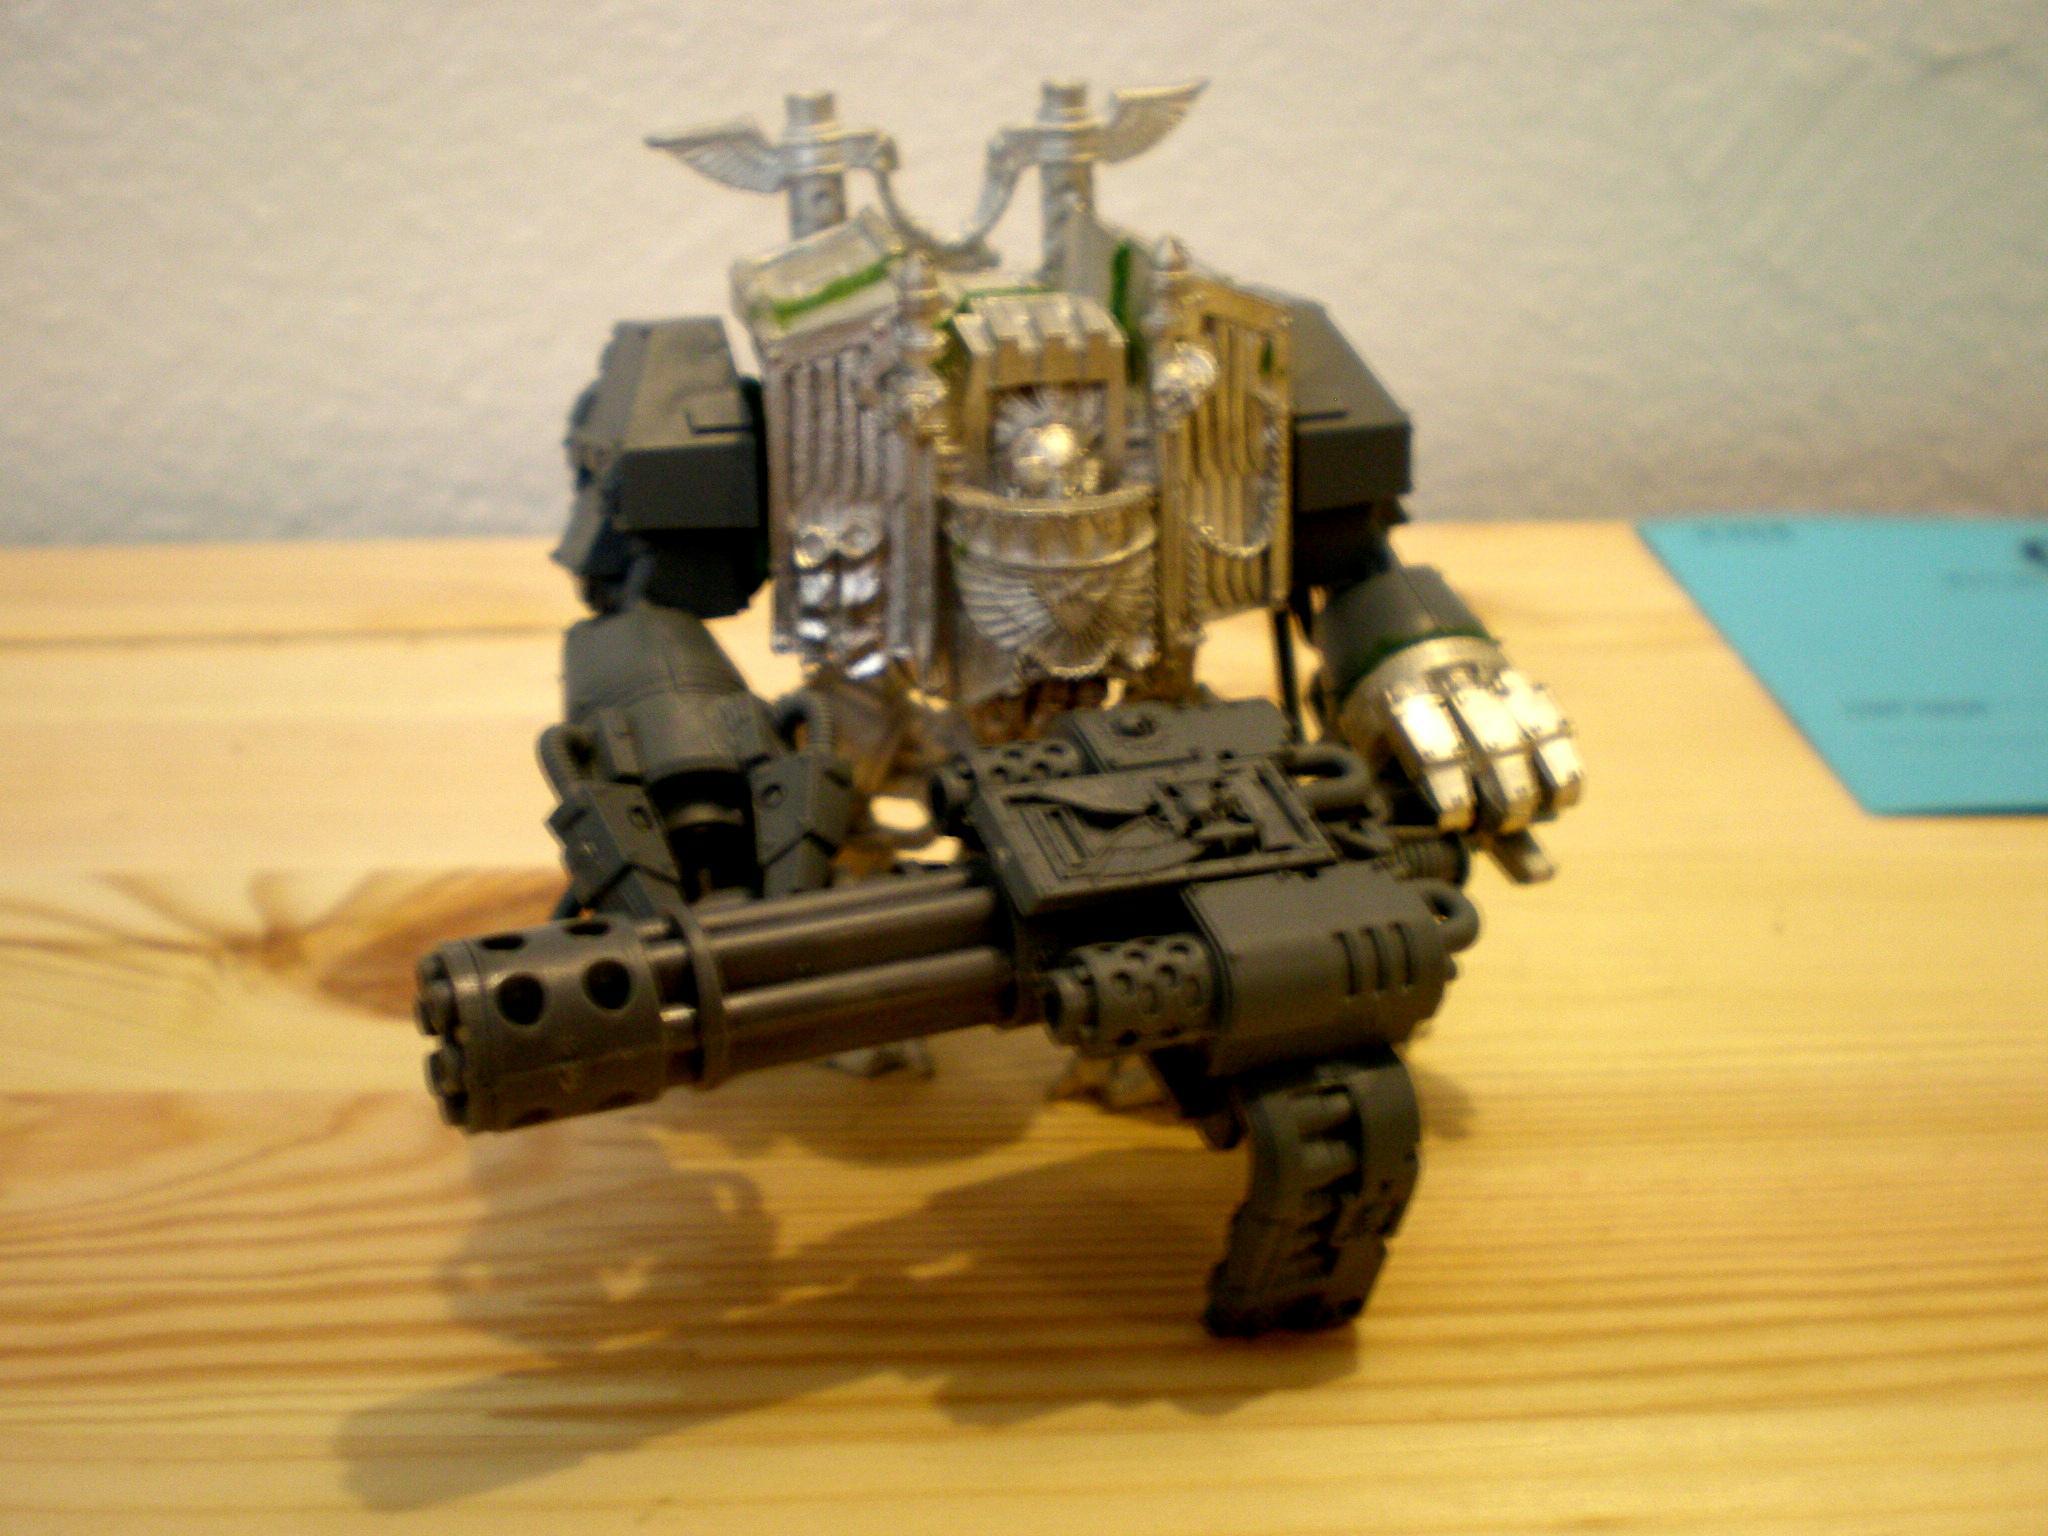 Assault Cannon, Dreadnought, Warhammer 40,000